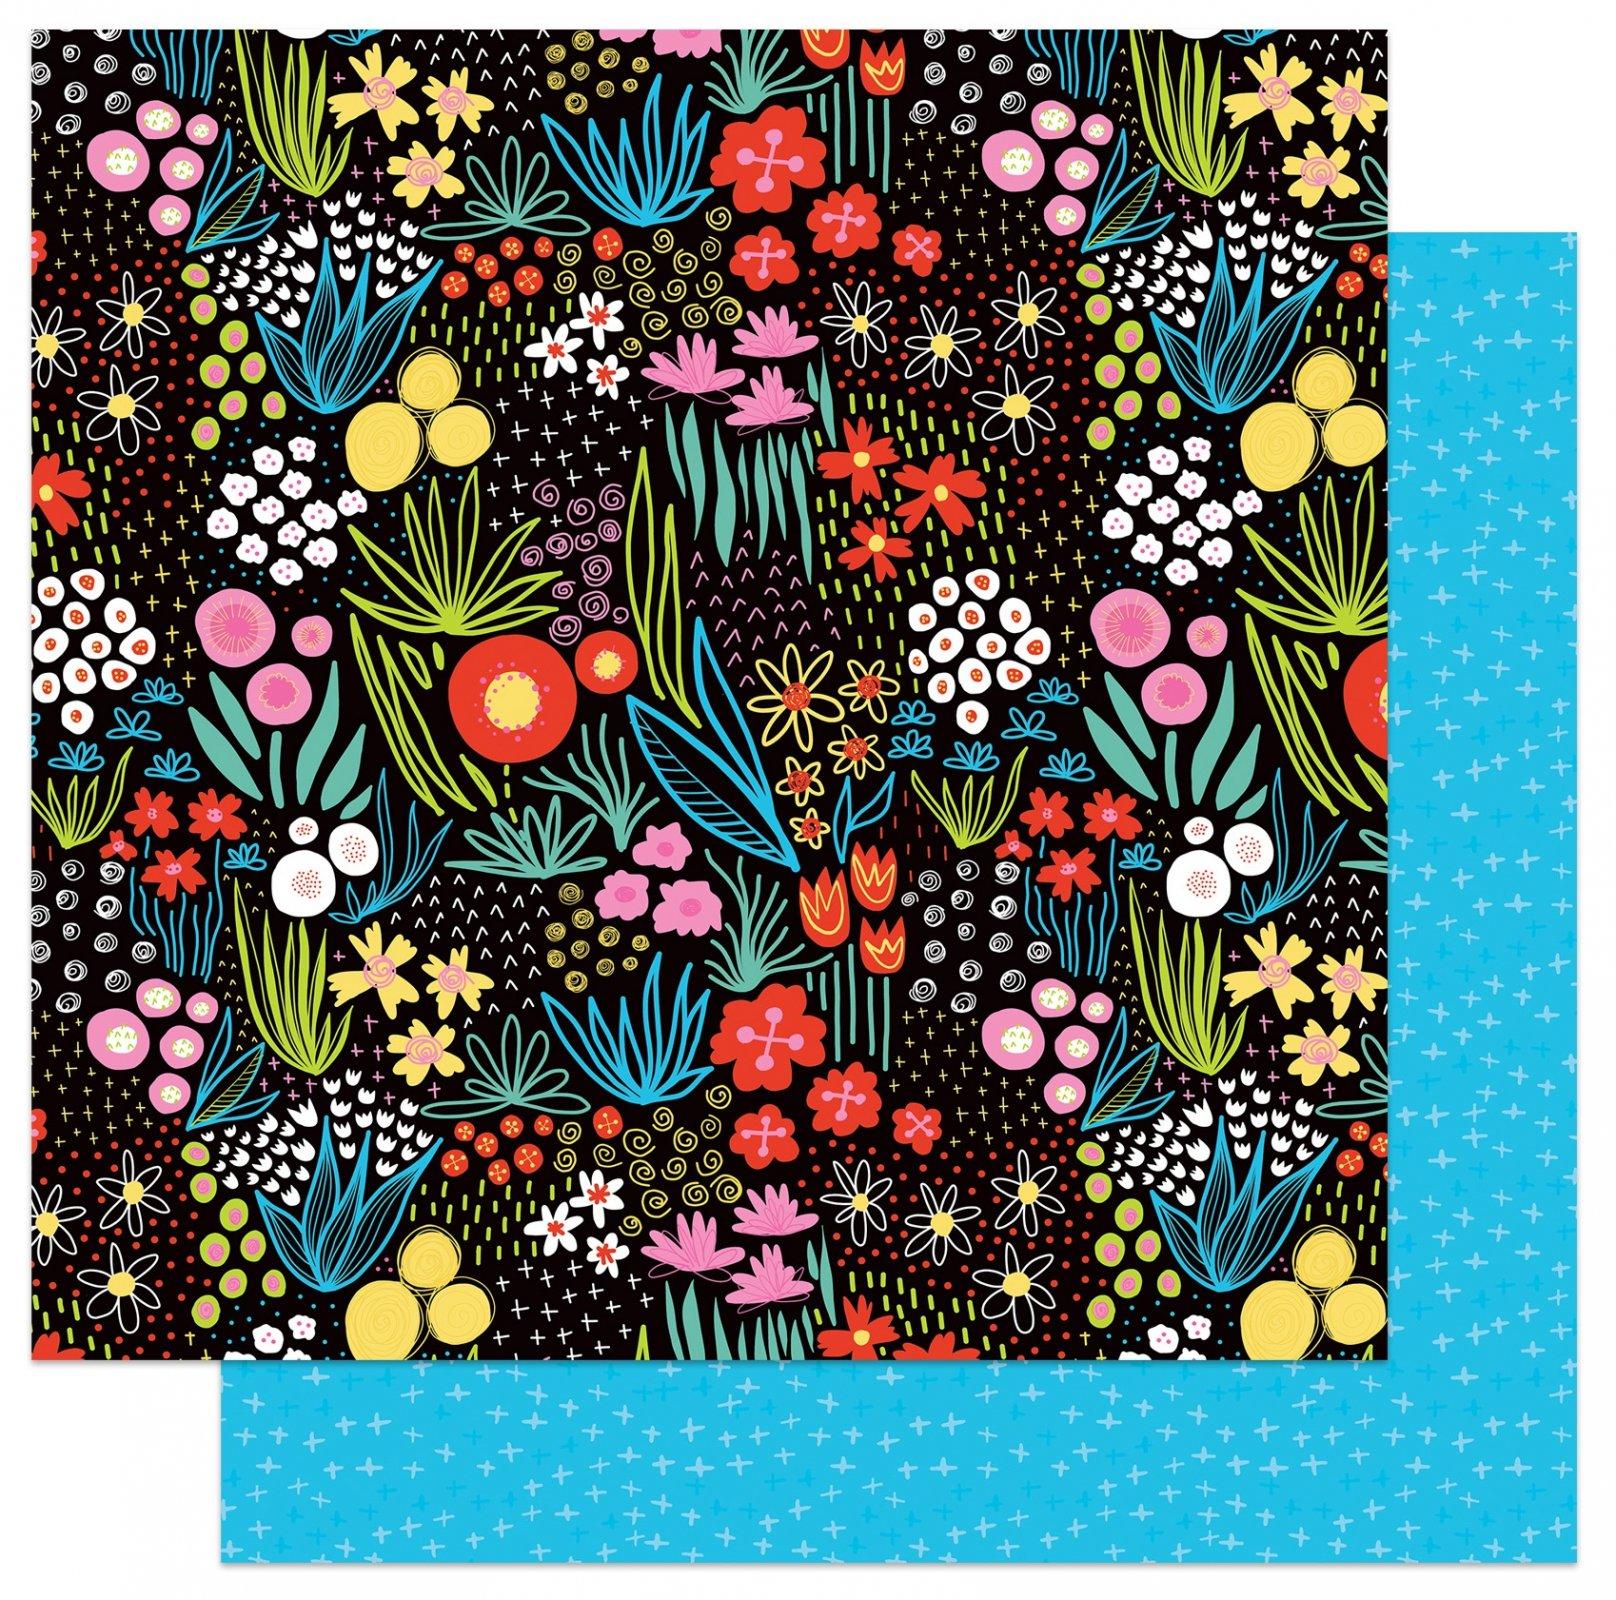 Birds of a Feather - 12x12 Flower Garden